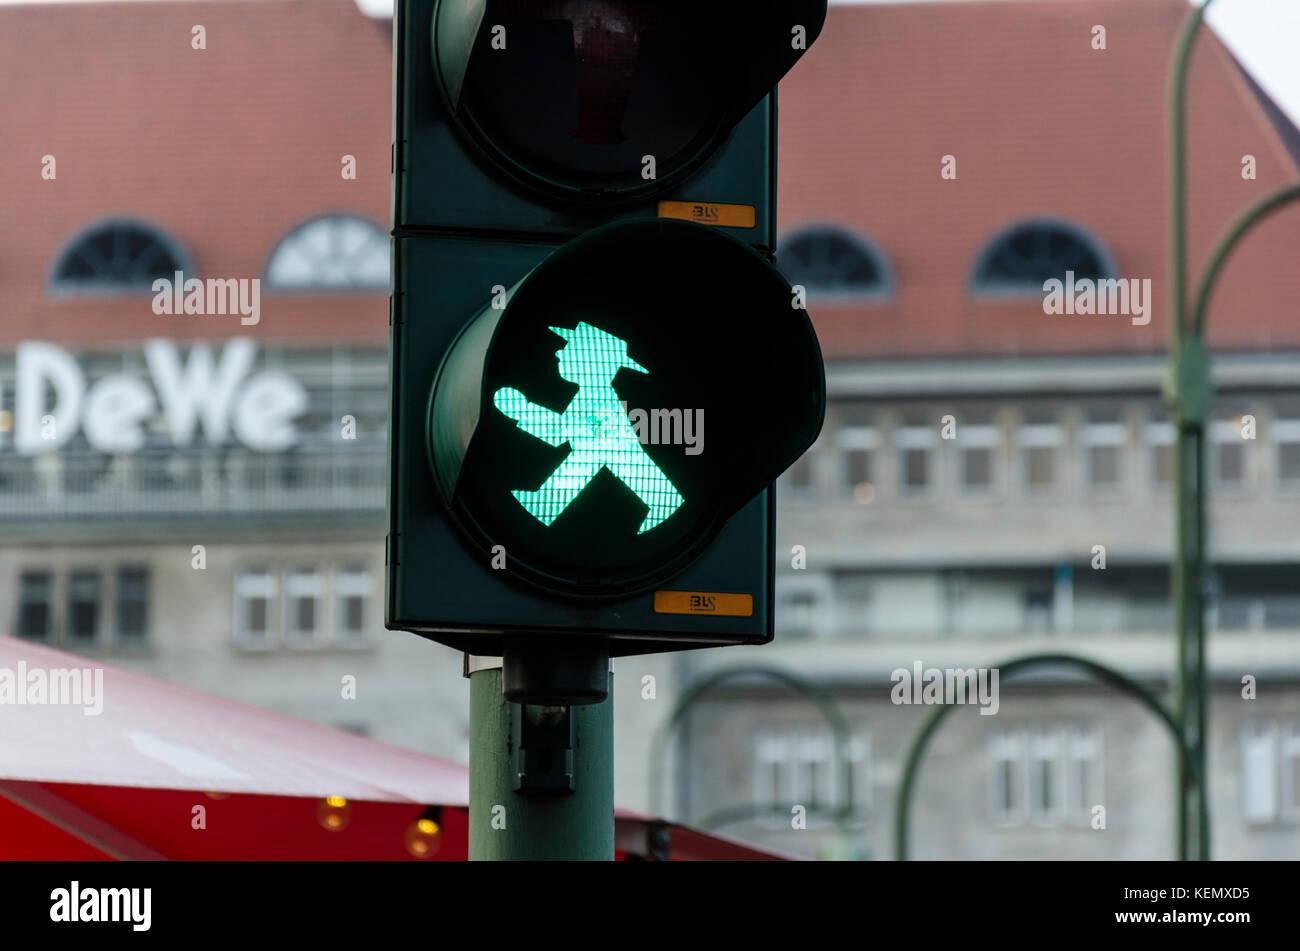 Ostdeutsche grüne Ampelmännchen, kleine Ampel Männer, Ampelmann, Fußgängerzone Signale Symbol, Berlin, Deutschland Stockfoto